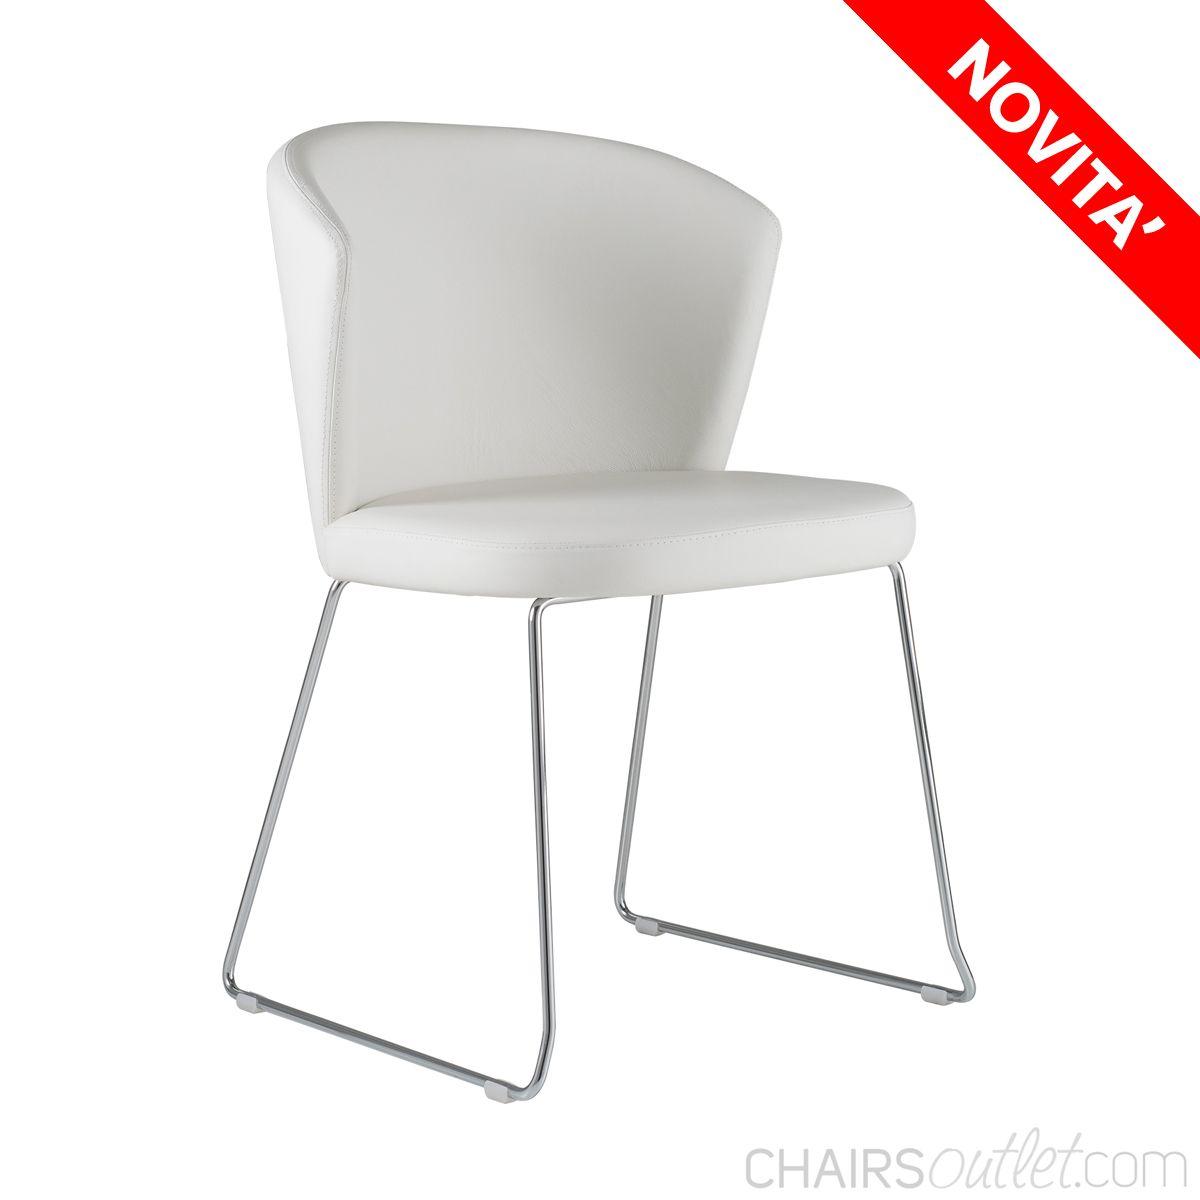 Sedie Acciaio E Plastica.Ines 7 Sedia In Metallo Di Design Madeinitaly Sedia Da